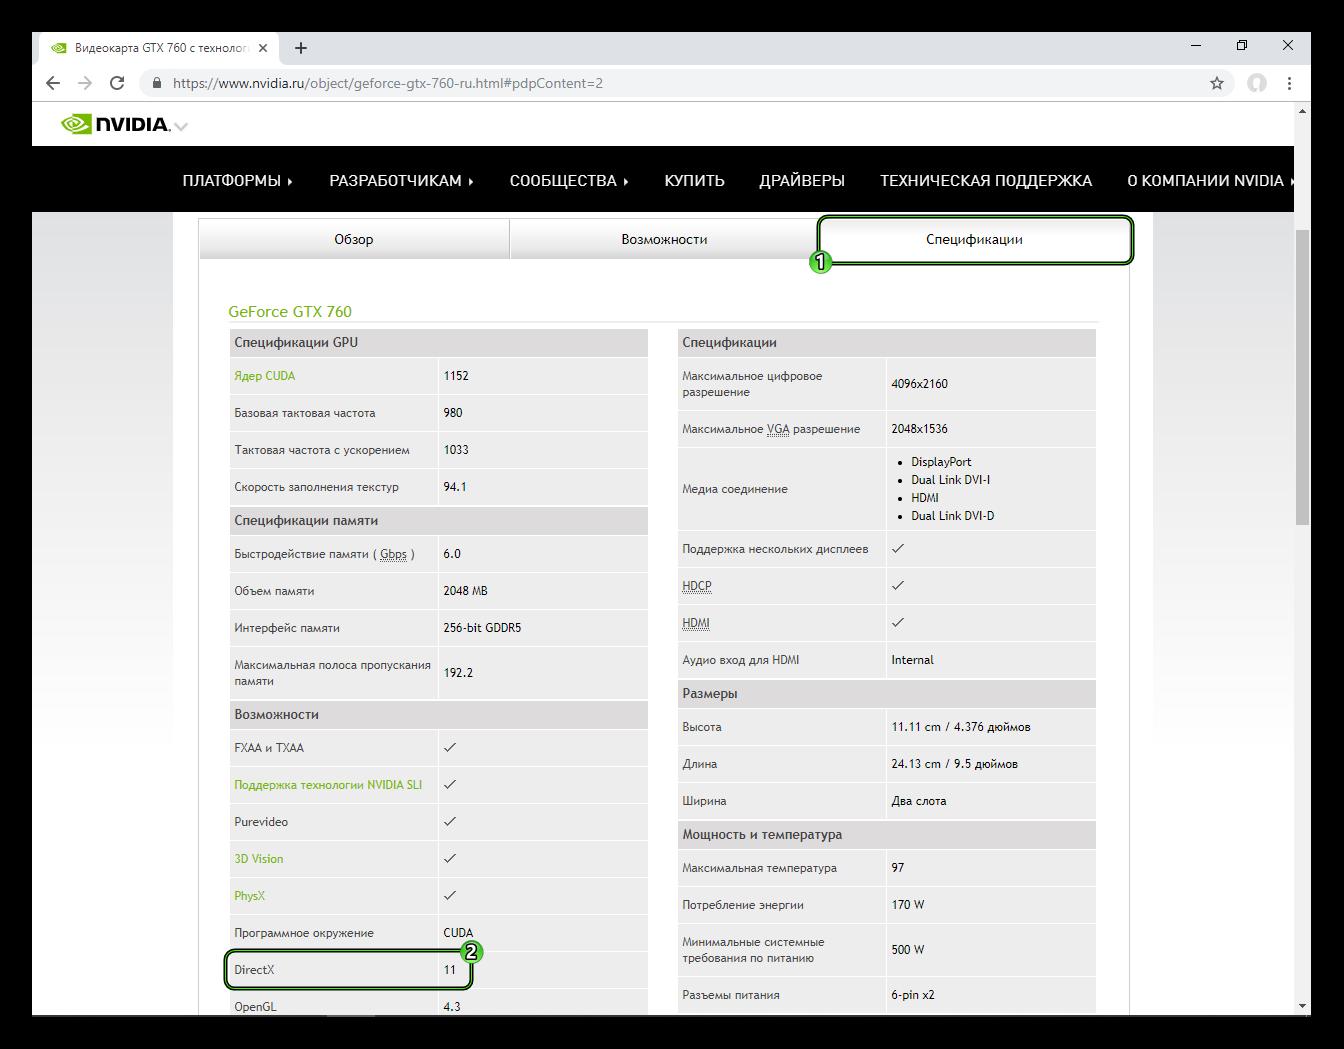 Informatsiya-o-versii-DirectX-dlya-videokarty-Nvidia-na-ofitsialnom-sajte.png